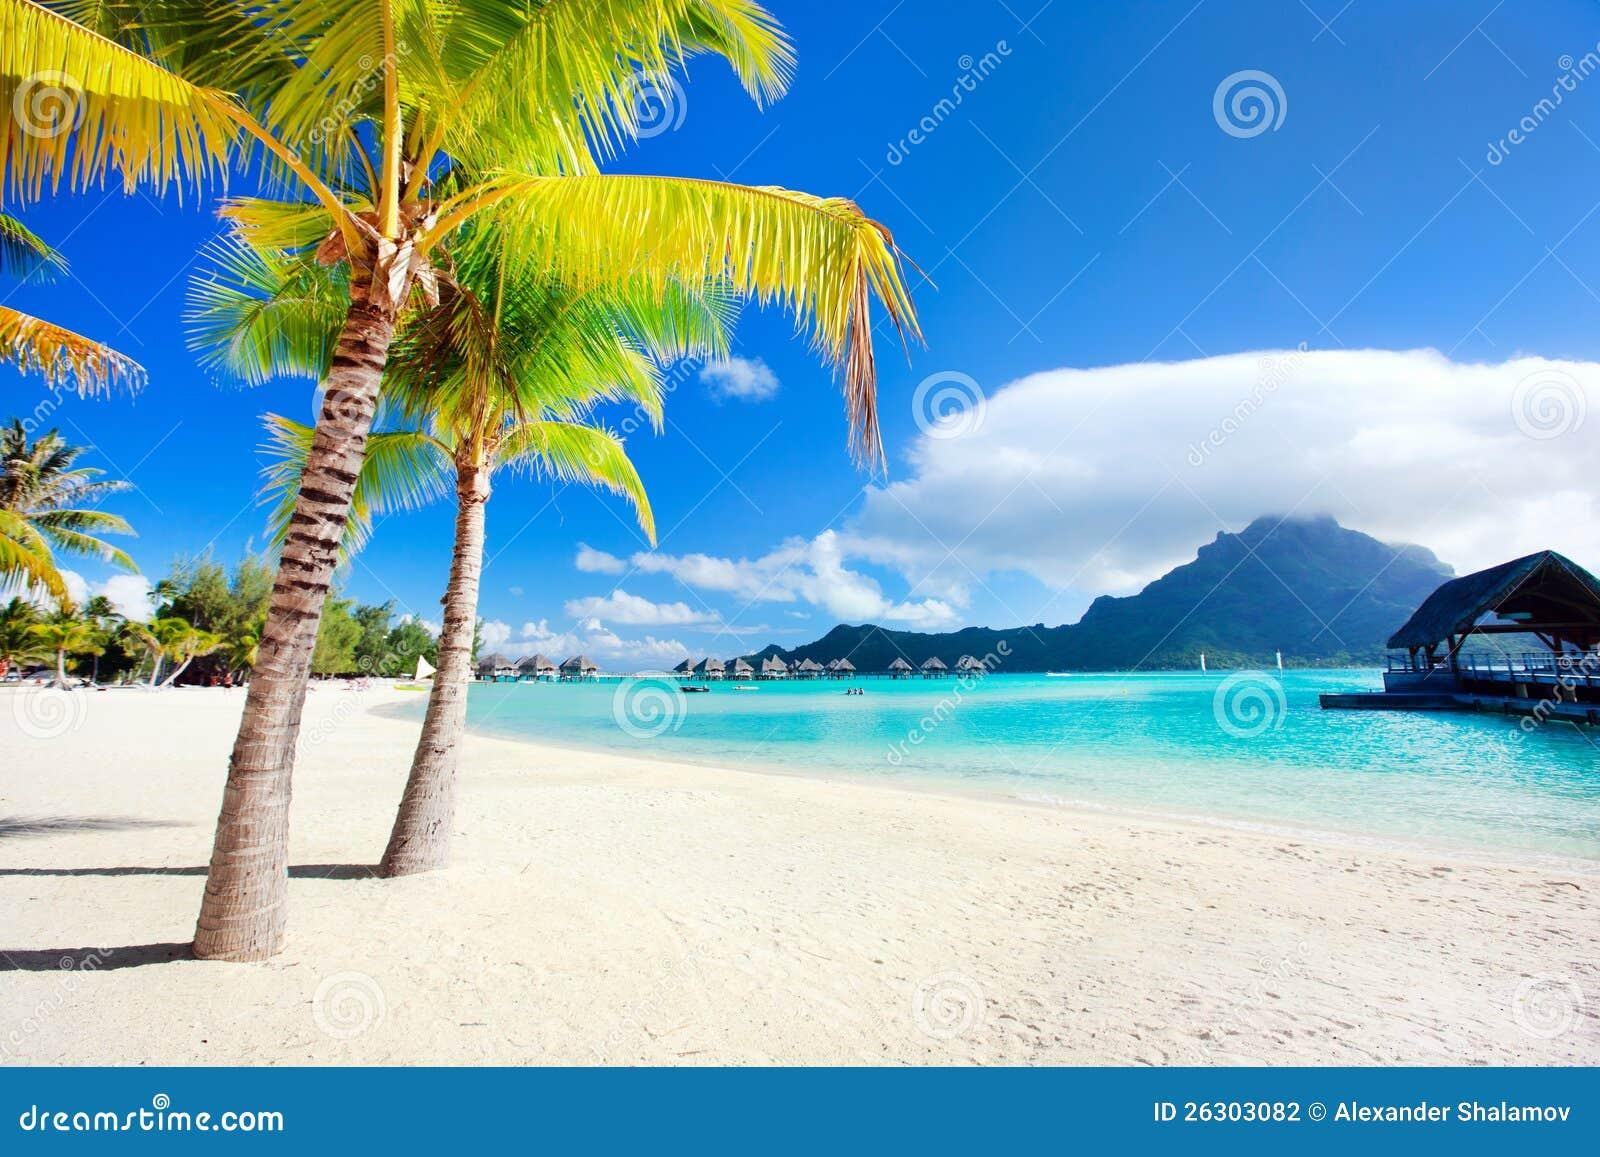 Plage de Bora Bora